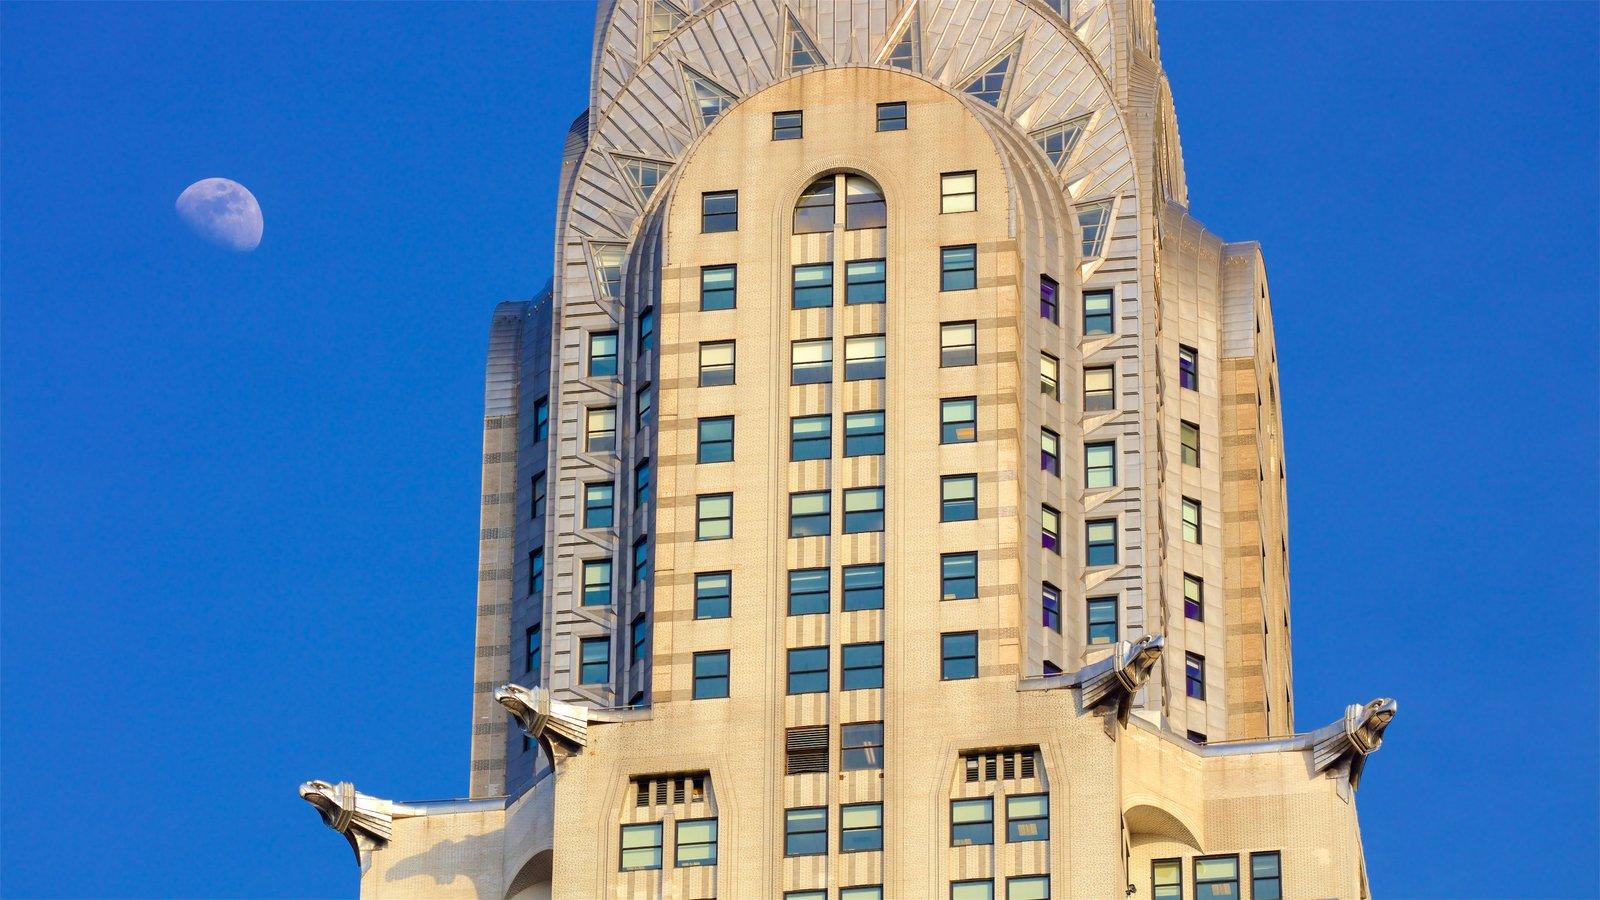 Edificio Chrysler mostrando una ciudad y elementos del patrimonio